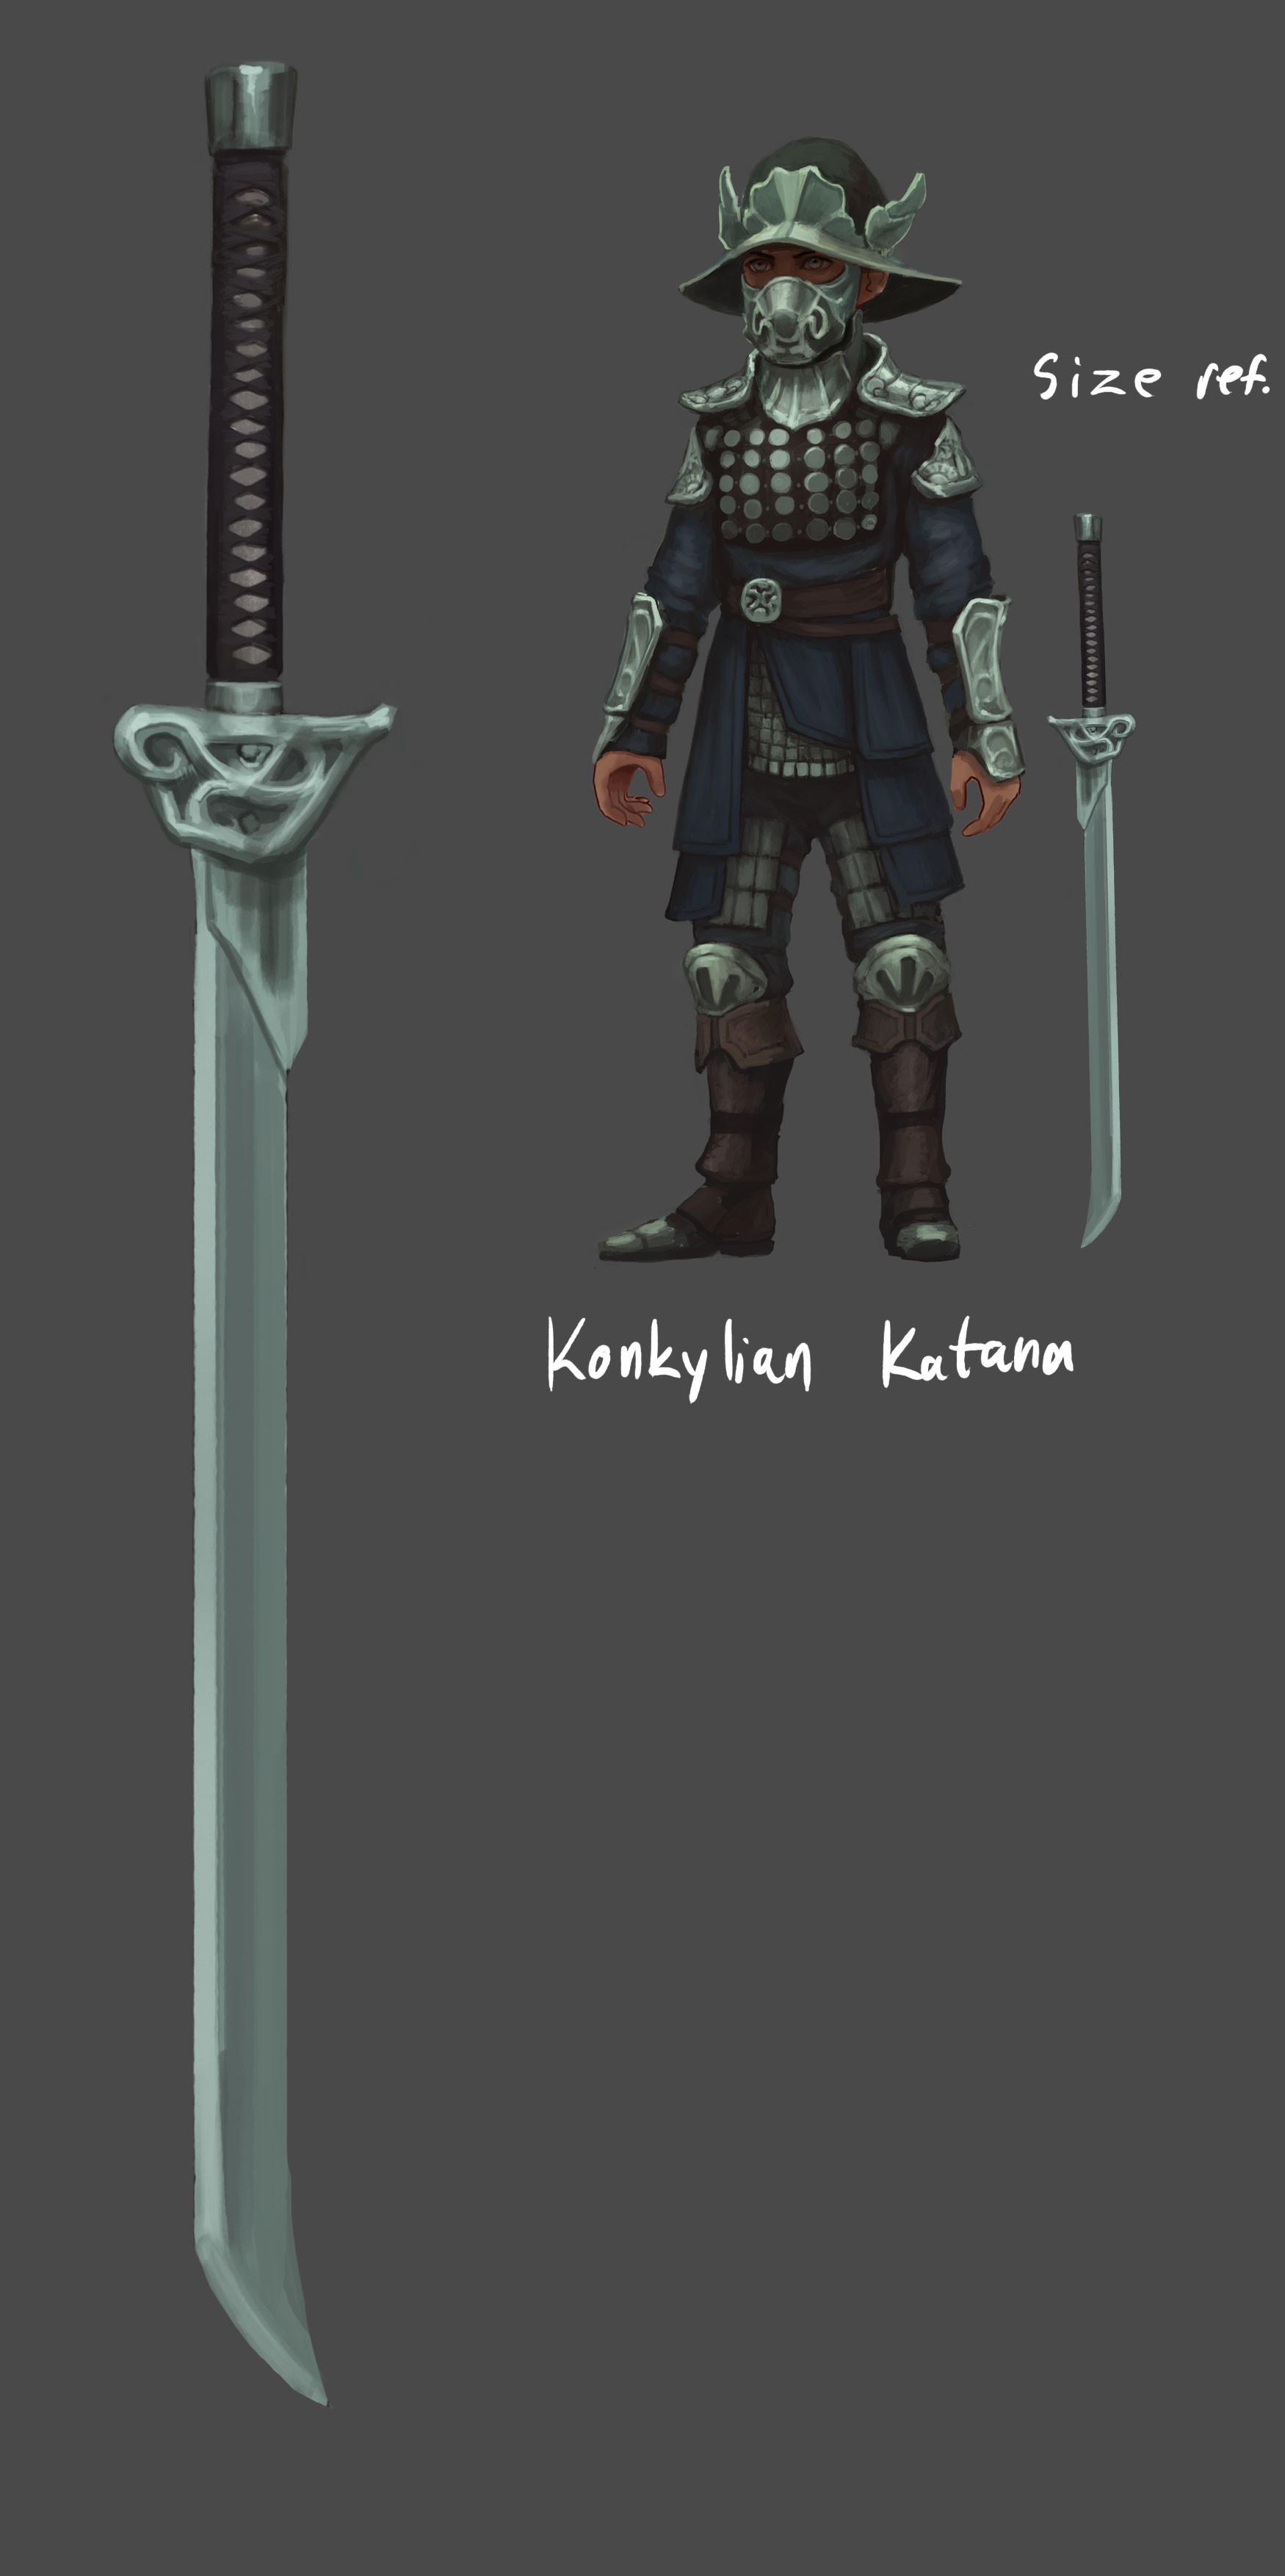 Fredrik dahl conceptart weapon konkylia katana